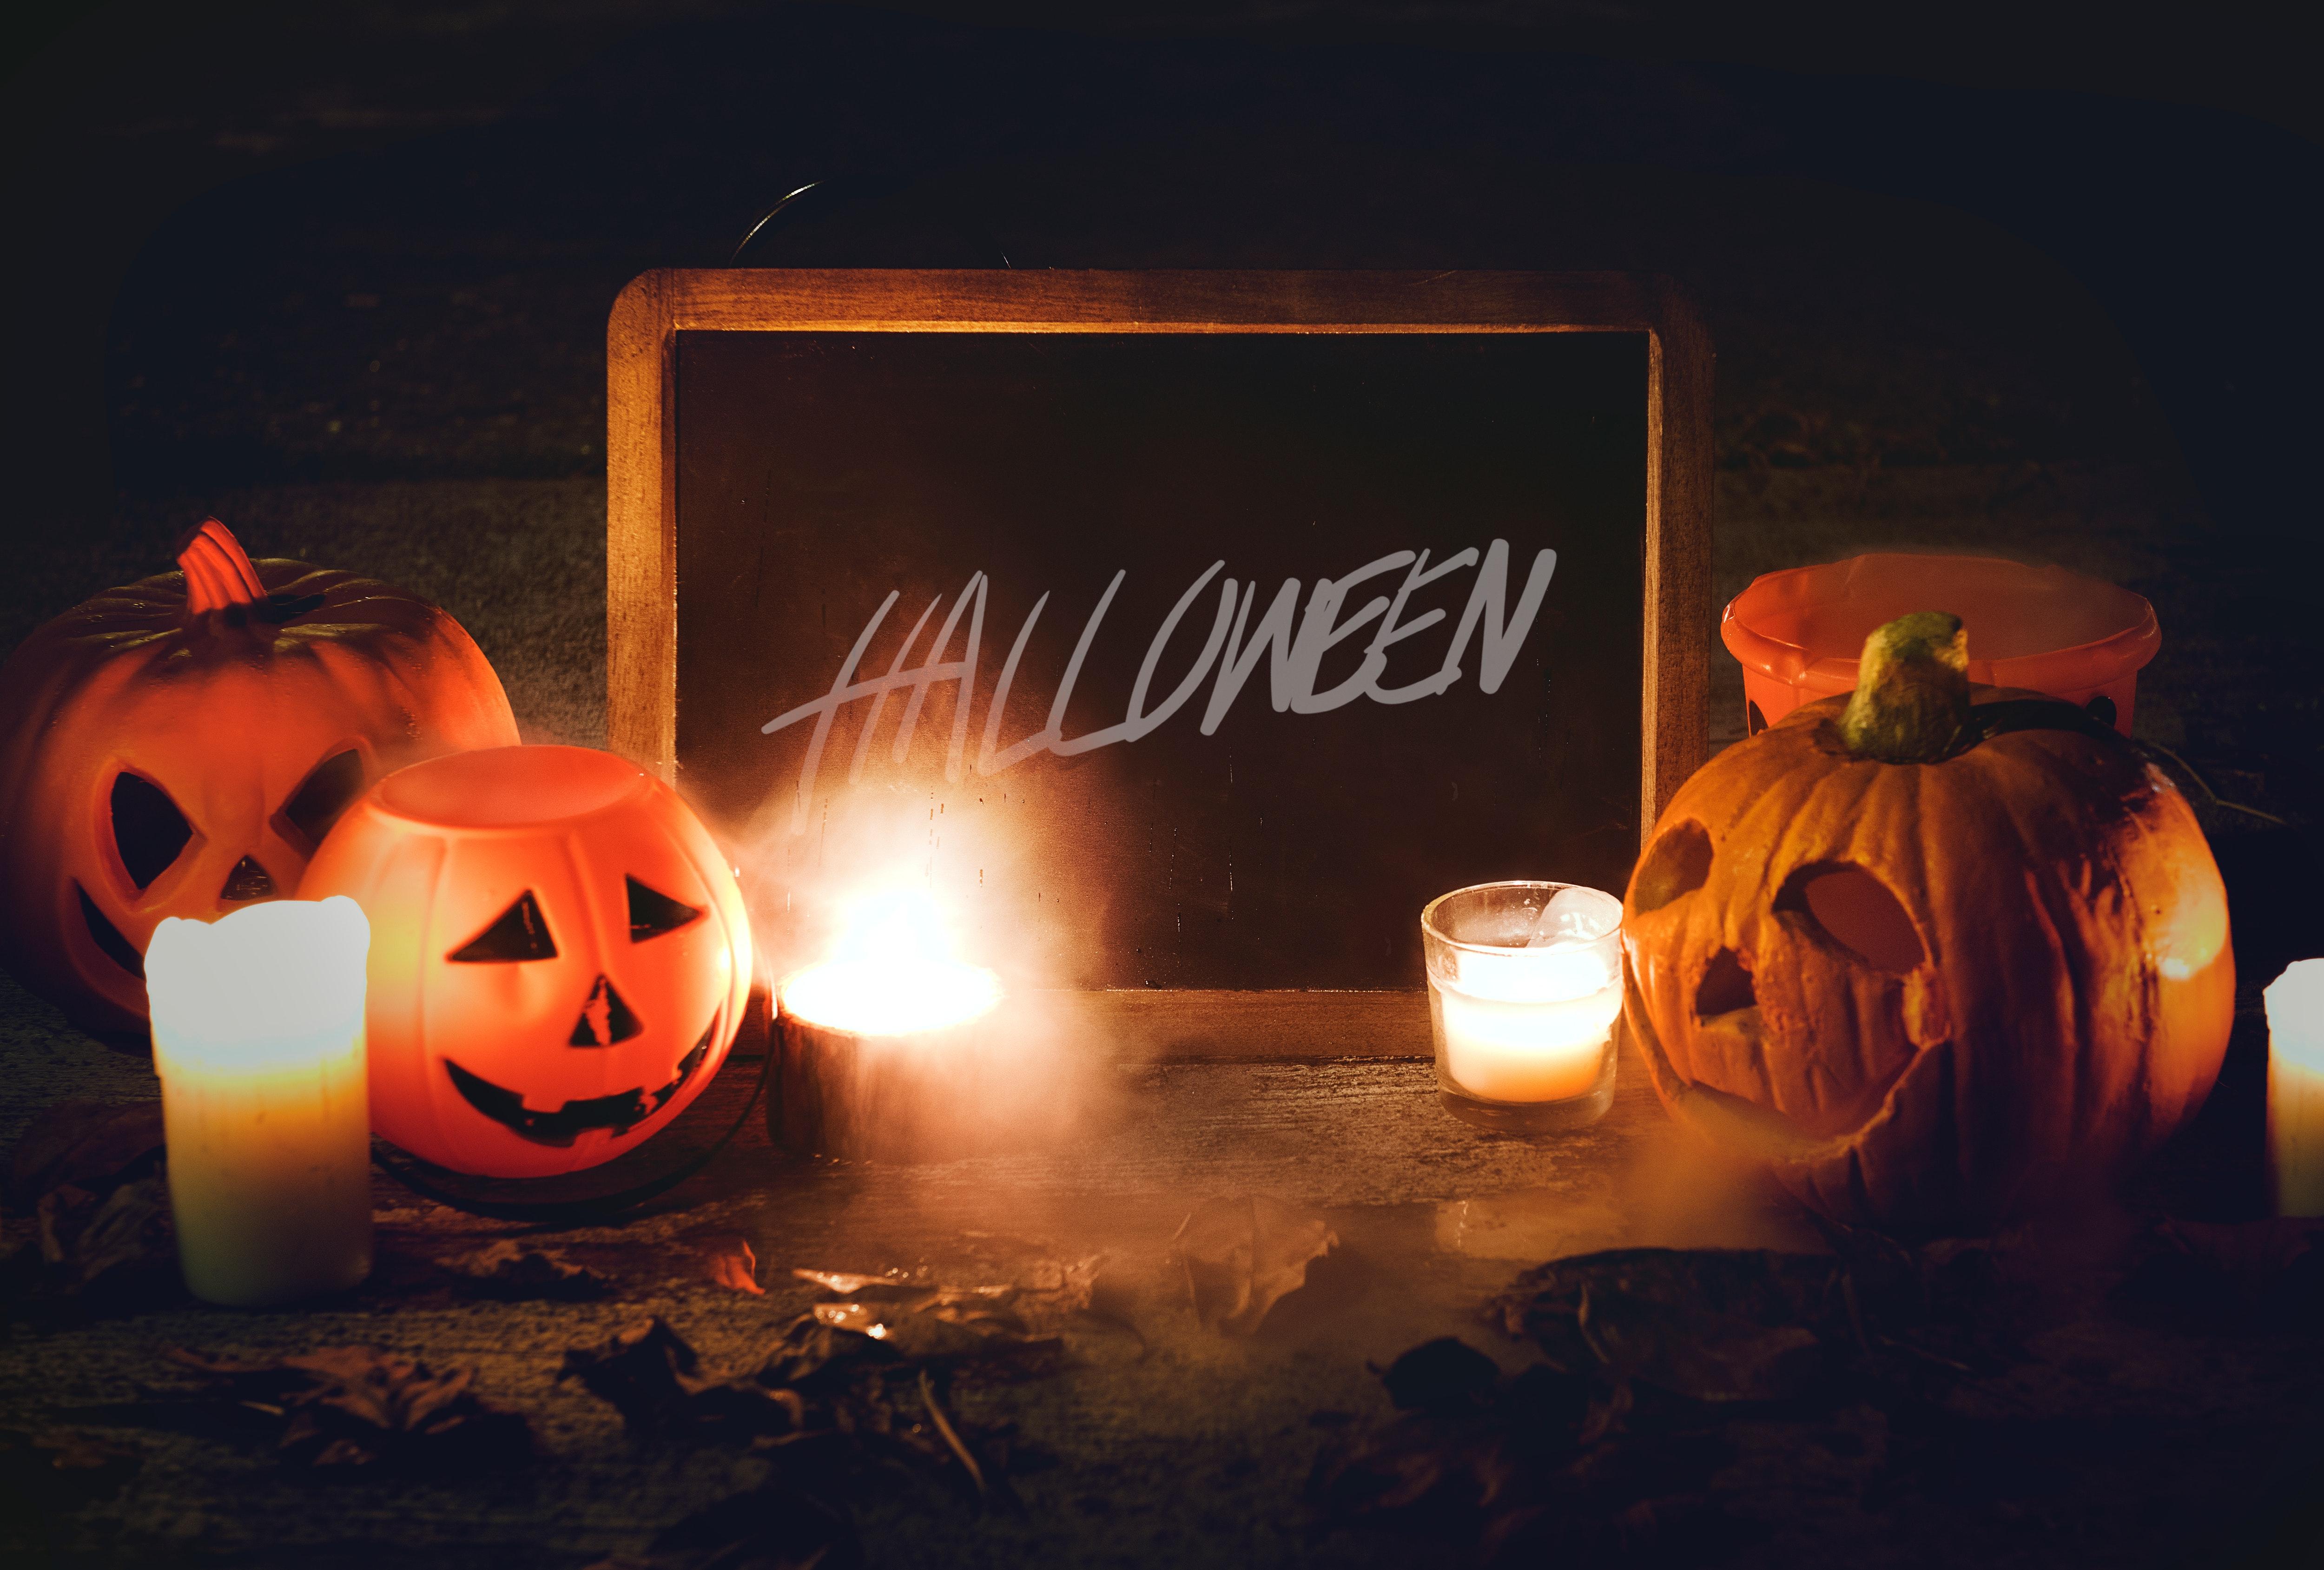 halloween 4k 1629229039 - Halloween 4k - halloween wallpapers, Halloween 4k wallpapers